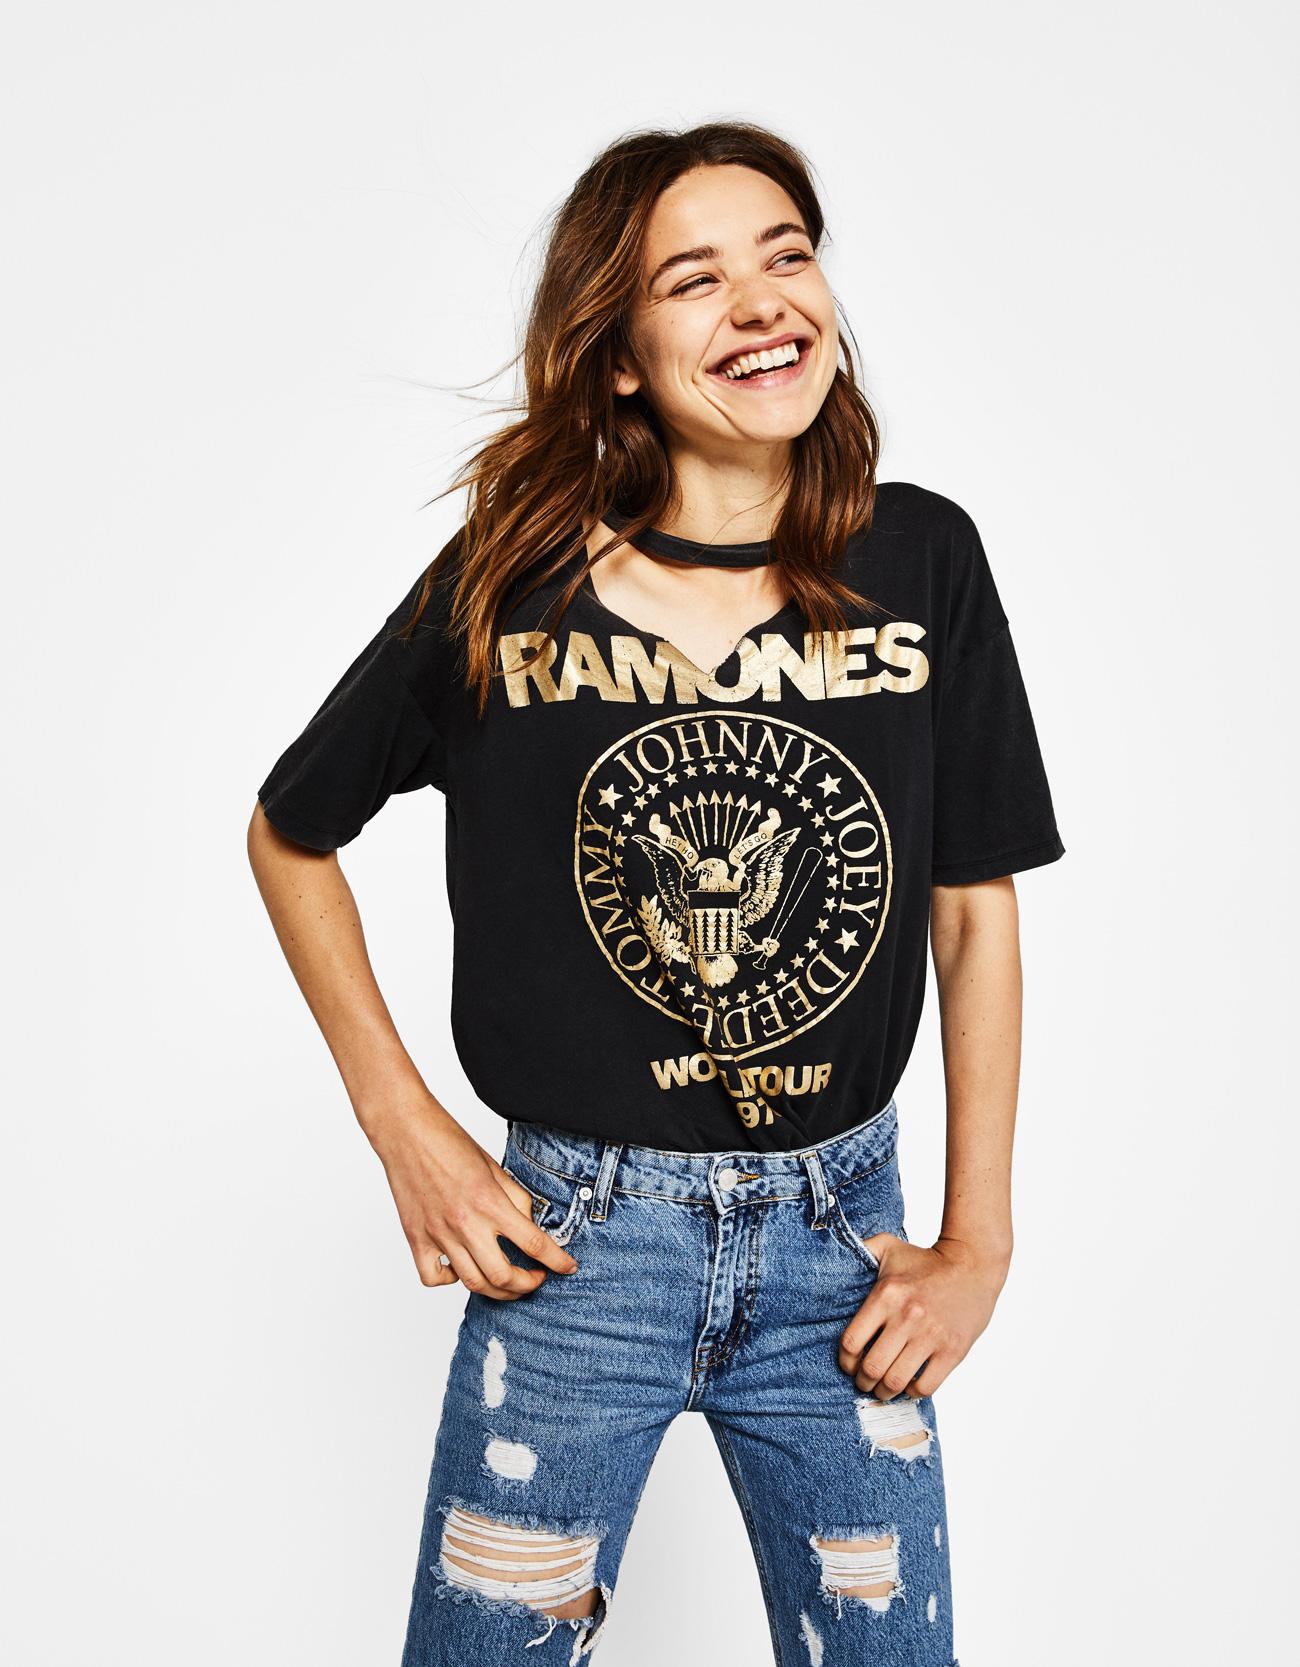 Choker neck Ramones T-shirt - T-Shirts - Bershka Montenegro